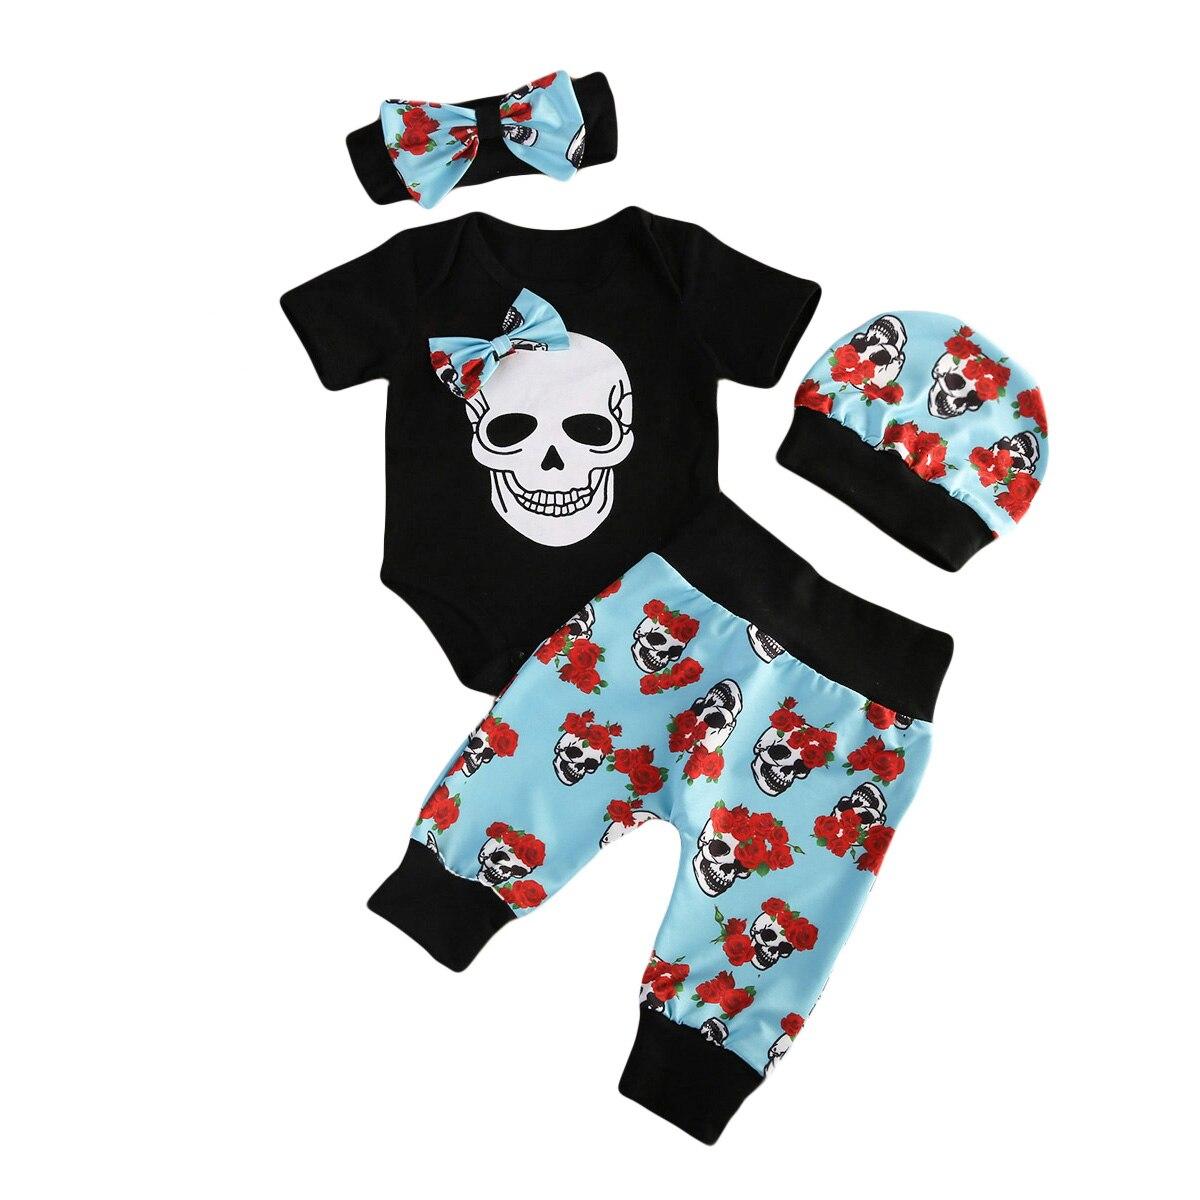 4 шт., Одежда для новорожденных девочек, комбинезон, боди, длинные штаны, комплект одежды, Череп, призрак, одежда на Хэллоуин